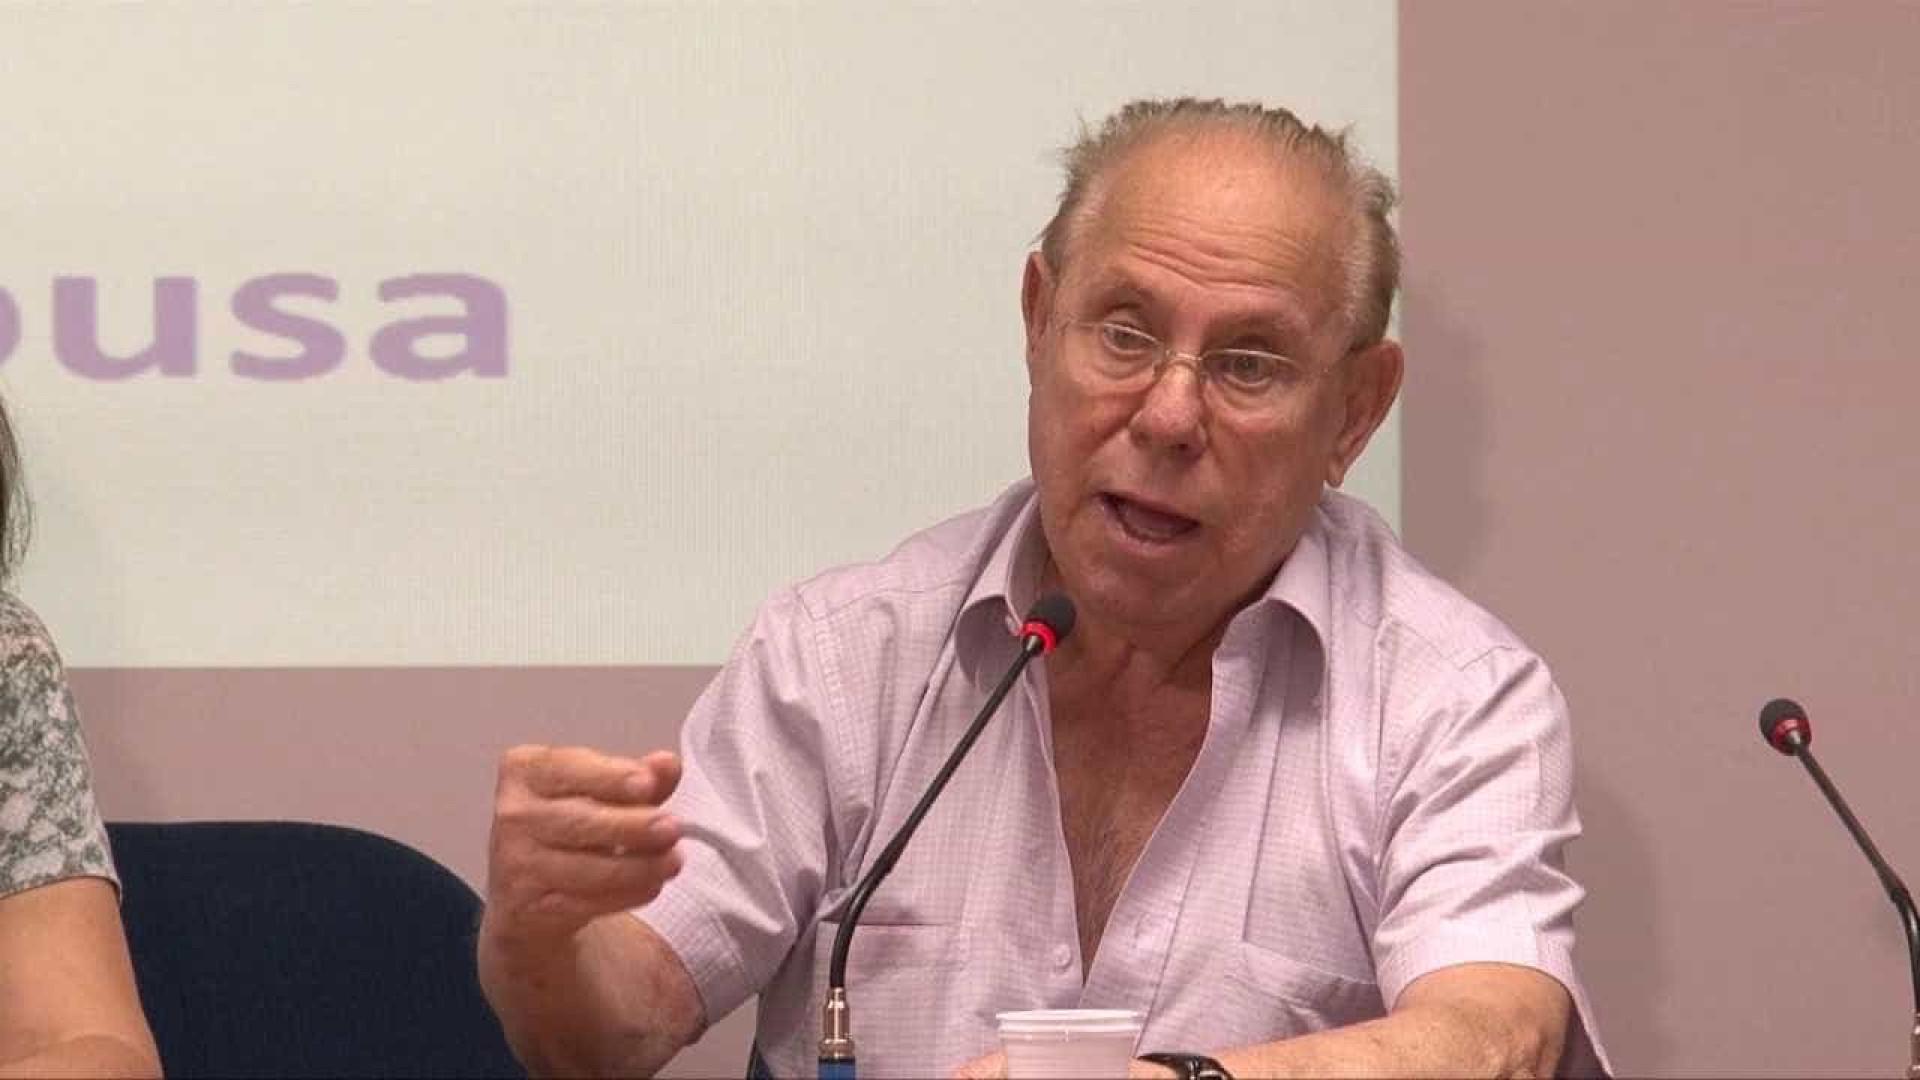 Morre aos 82 anos o ex-deputado federal José Luiz Clerot